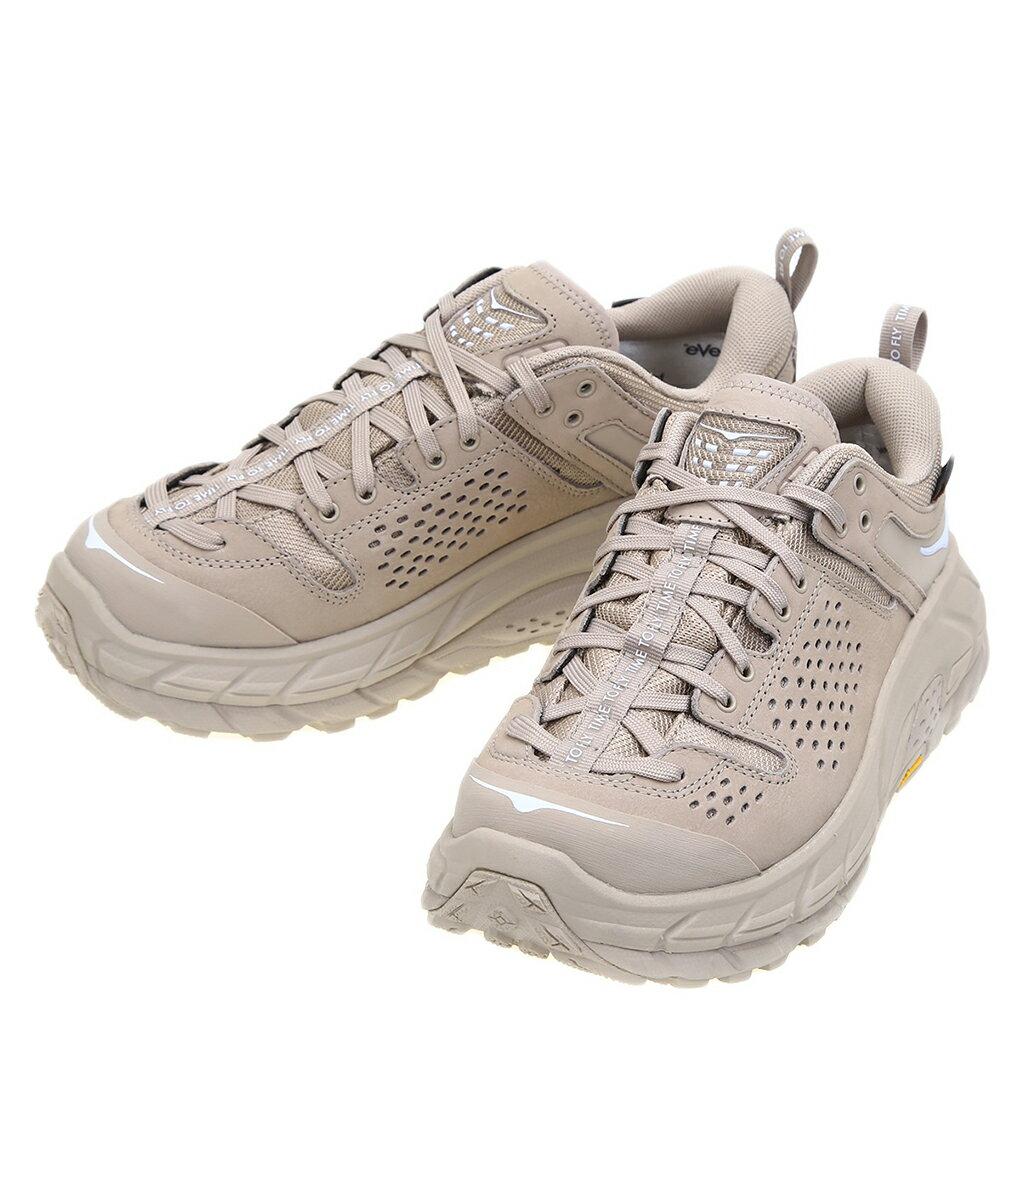 メンズ靴, スニーカー HOKA ONE ONE TOR ULTRA LOW WP SITA 1105689 PIE